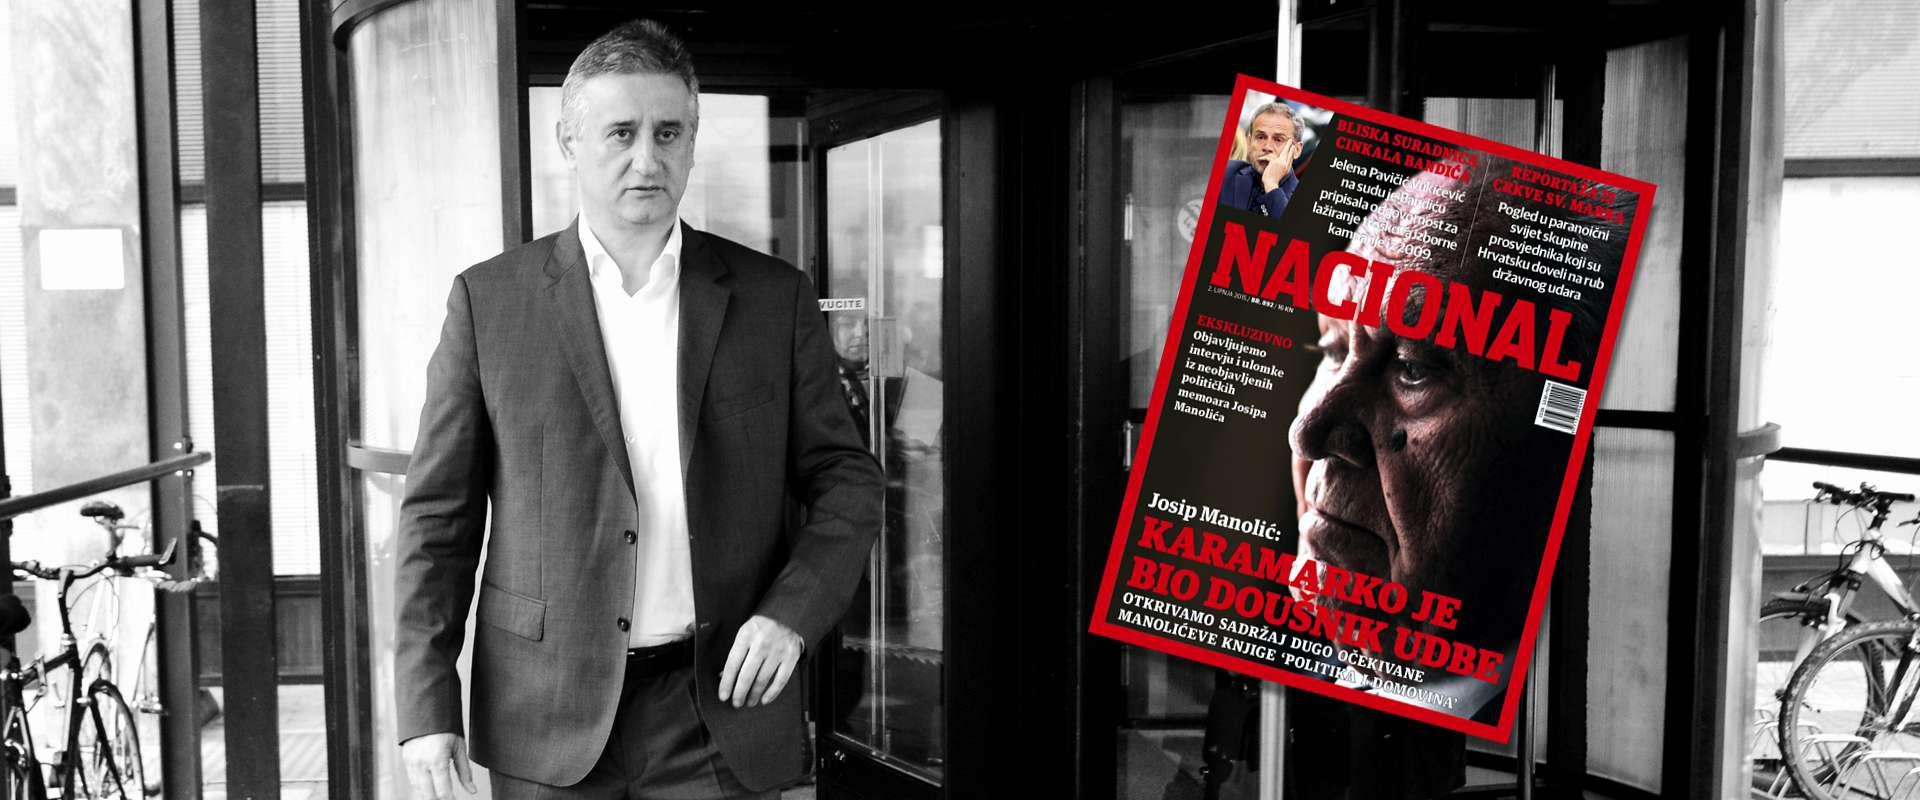 Presuda protiv Nacionala uvod u cenzuru medija